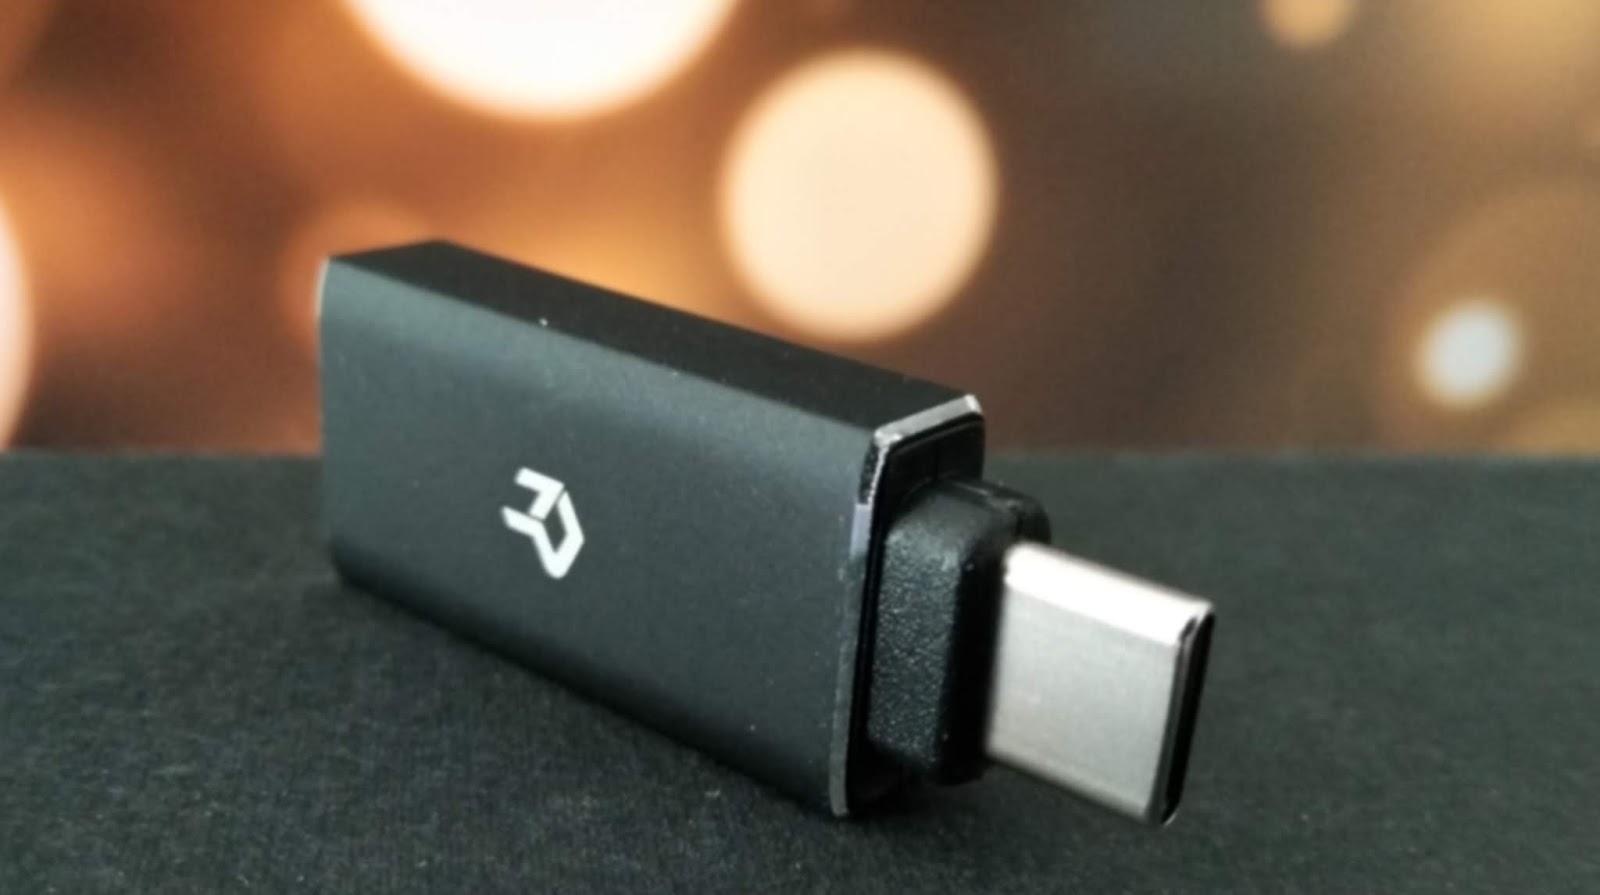 USB3-USB-C